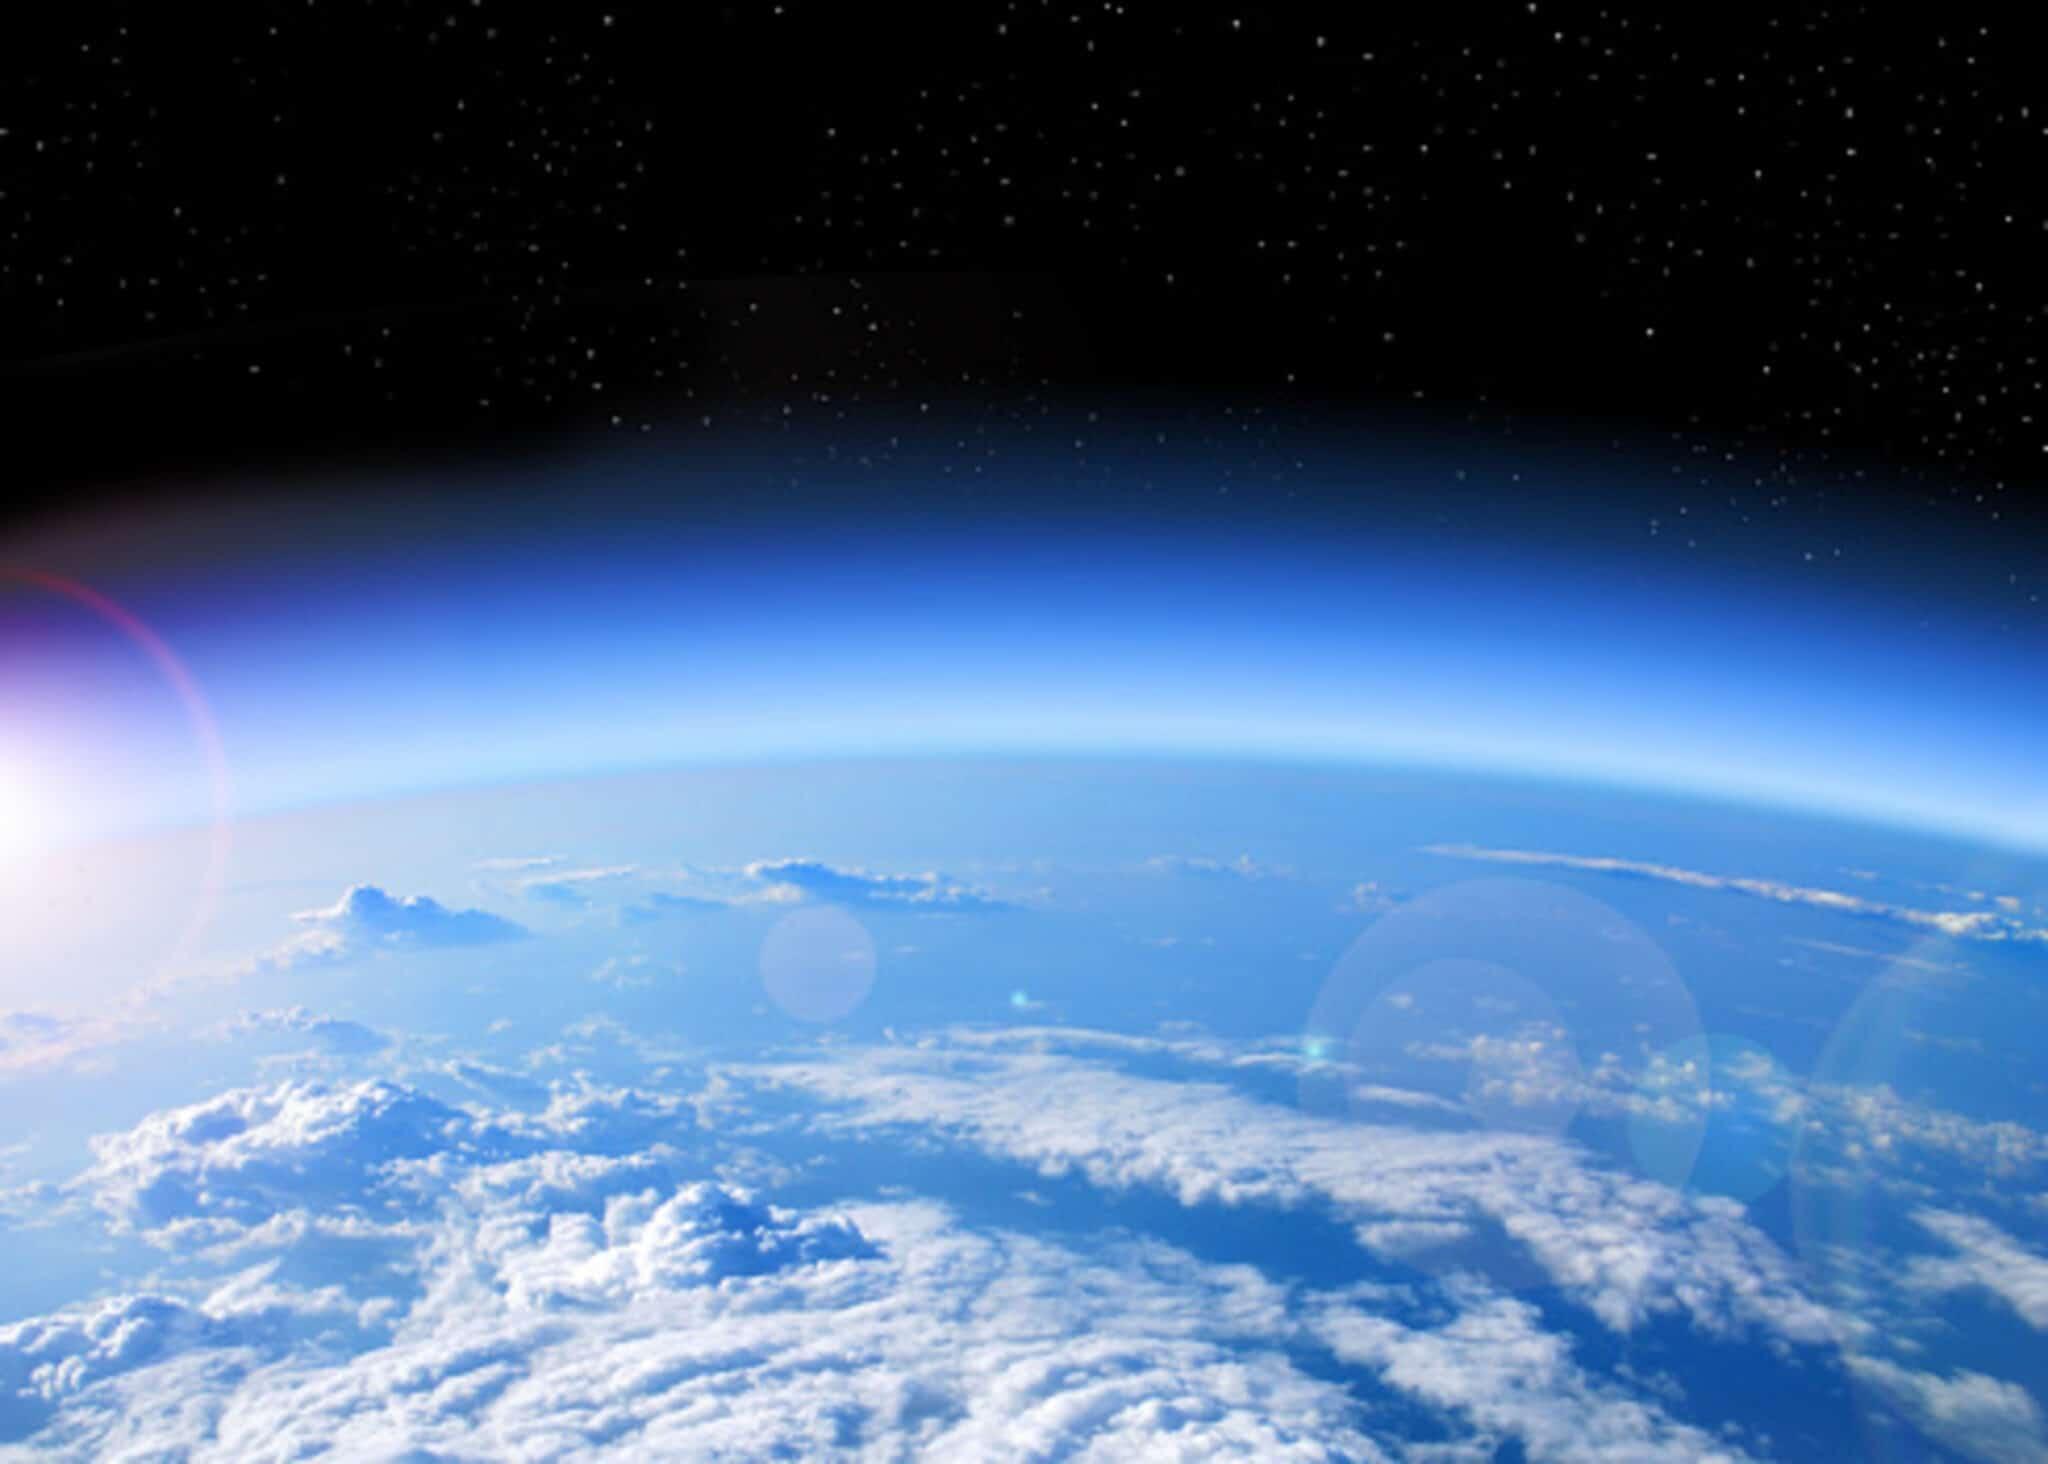 Emissioni, stratosfera, danni, ozono, riduzione, anidride carbonica, gas serra, studio, ricerca, riscaldamento, clima, conseguenze, ambiente, scoperta, spessore, comunicazioni, Energy Close-up Engineering